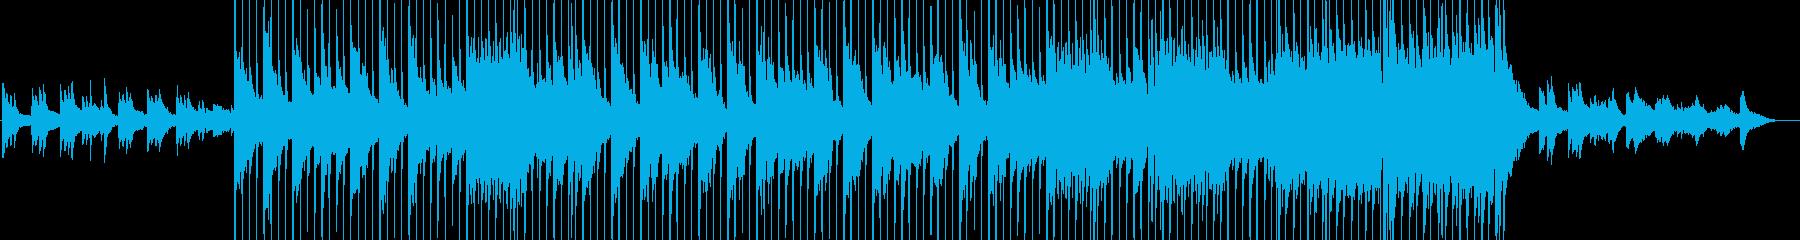 古さ R&B レトロ ポジティブ ...の再生済みの波形